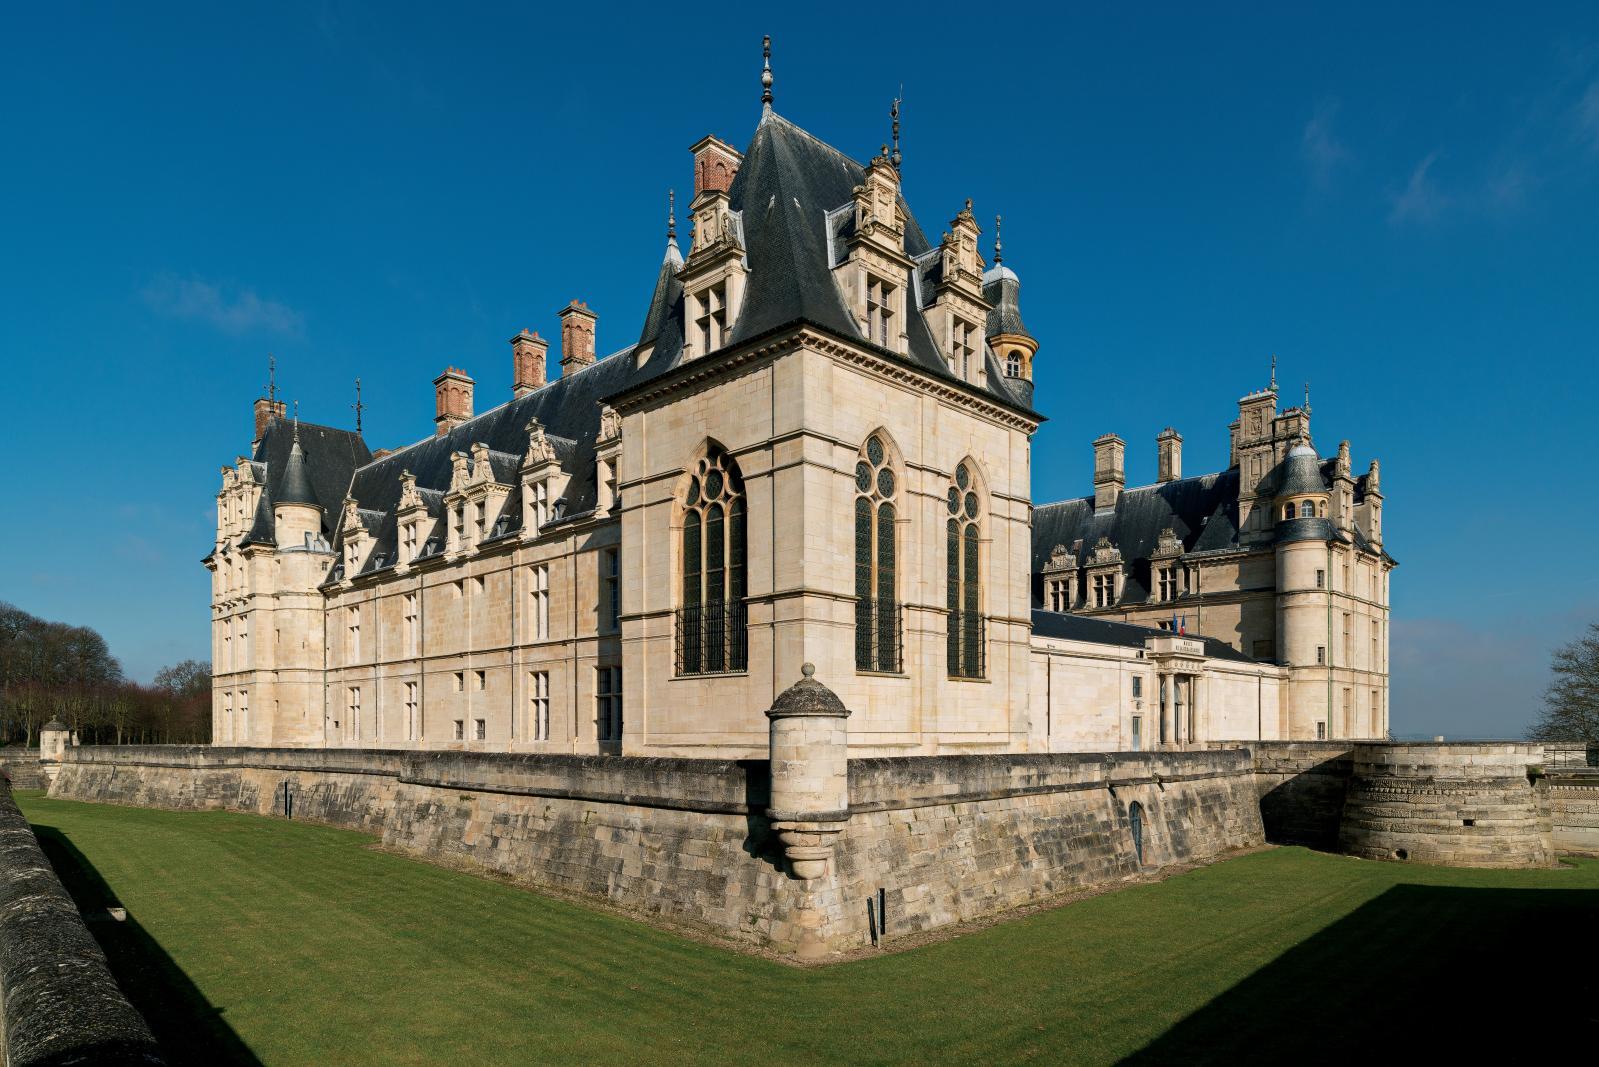 Le château d'Écouen, édifié par le connétable de France Anne de Montmorency au XVIe siècle, abrite depuis 1977 le Musée national de la Renaissance